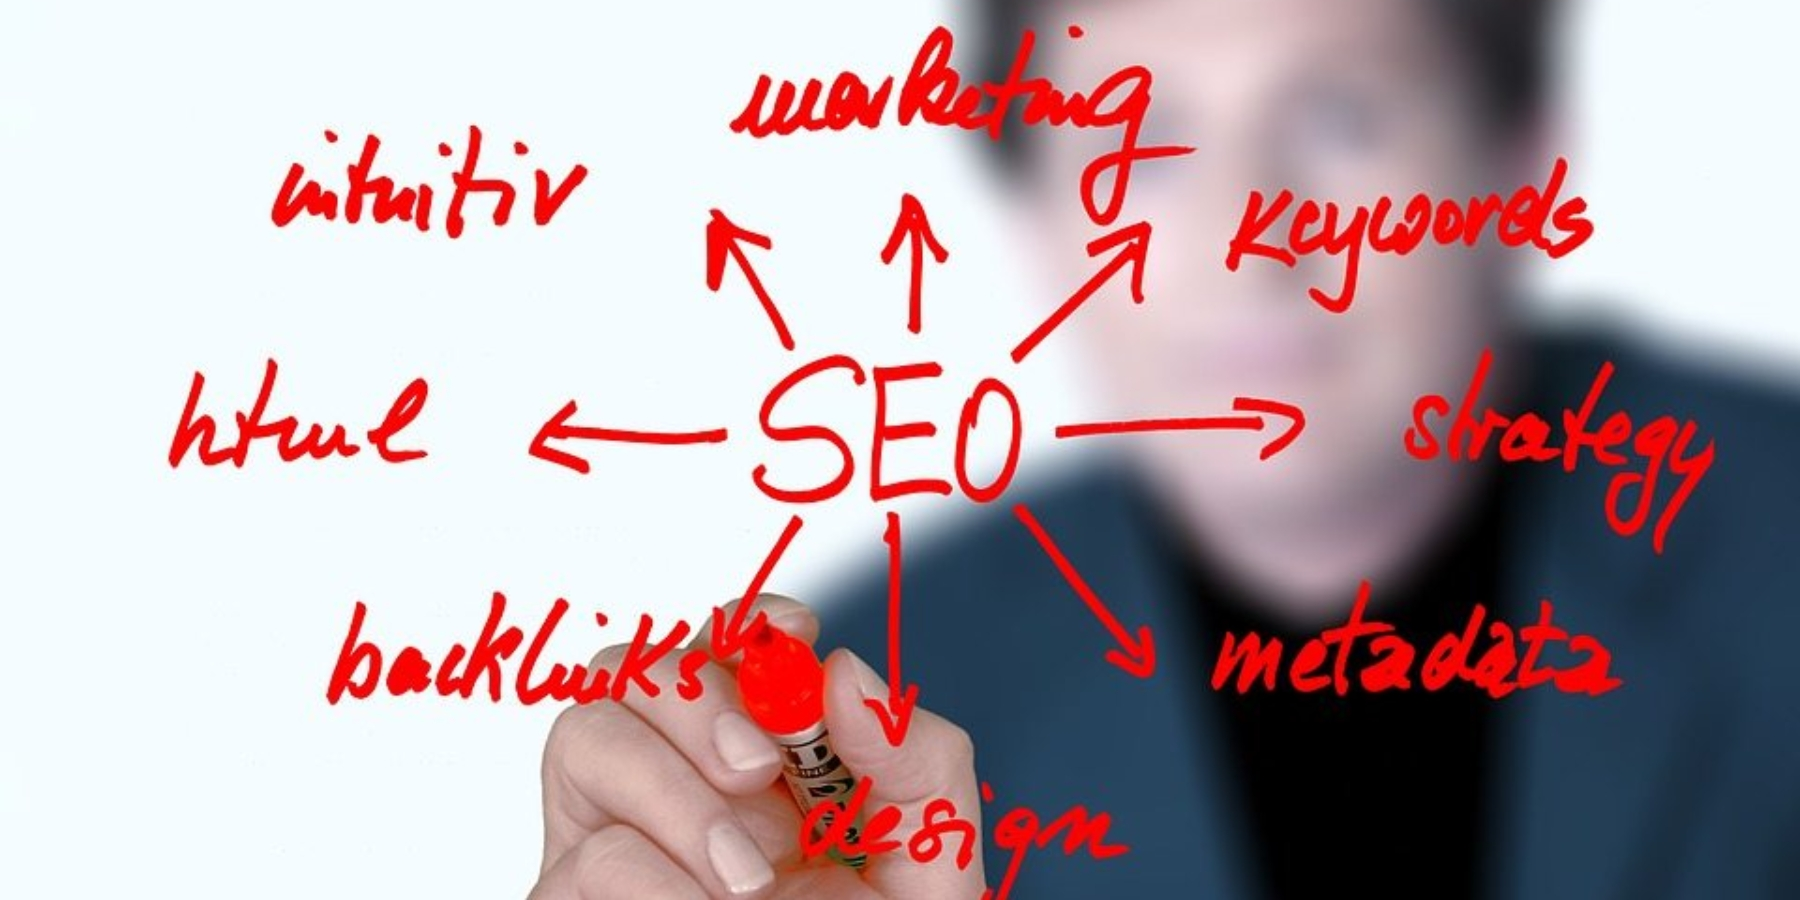 Właściwa optymalizacja sklepu internetowego kluczem dosukcesu – 5 rad